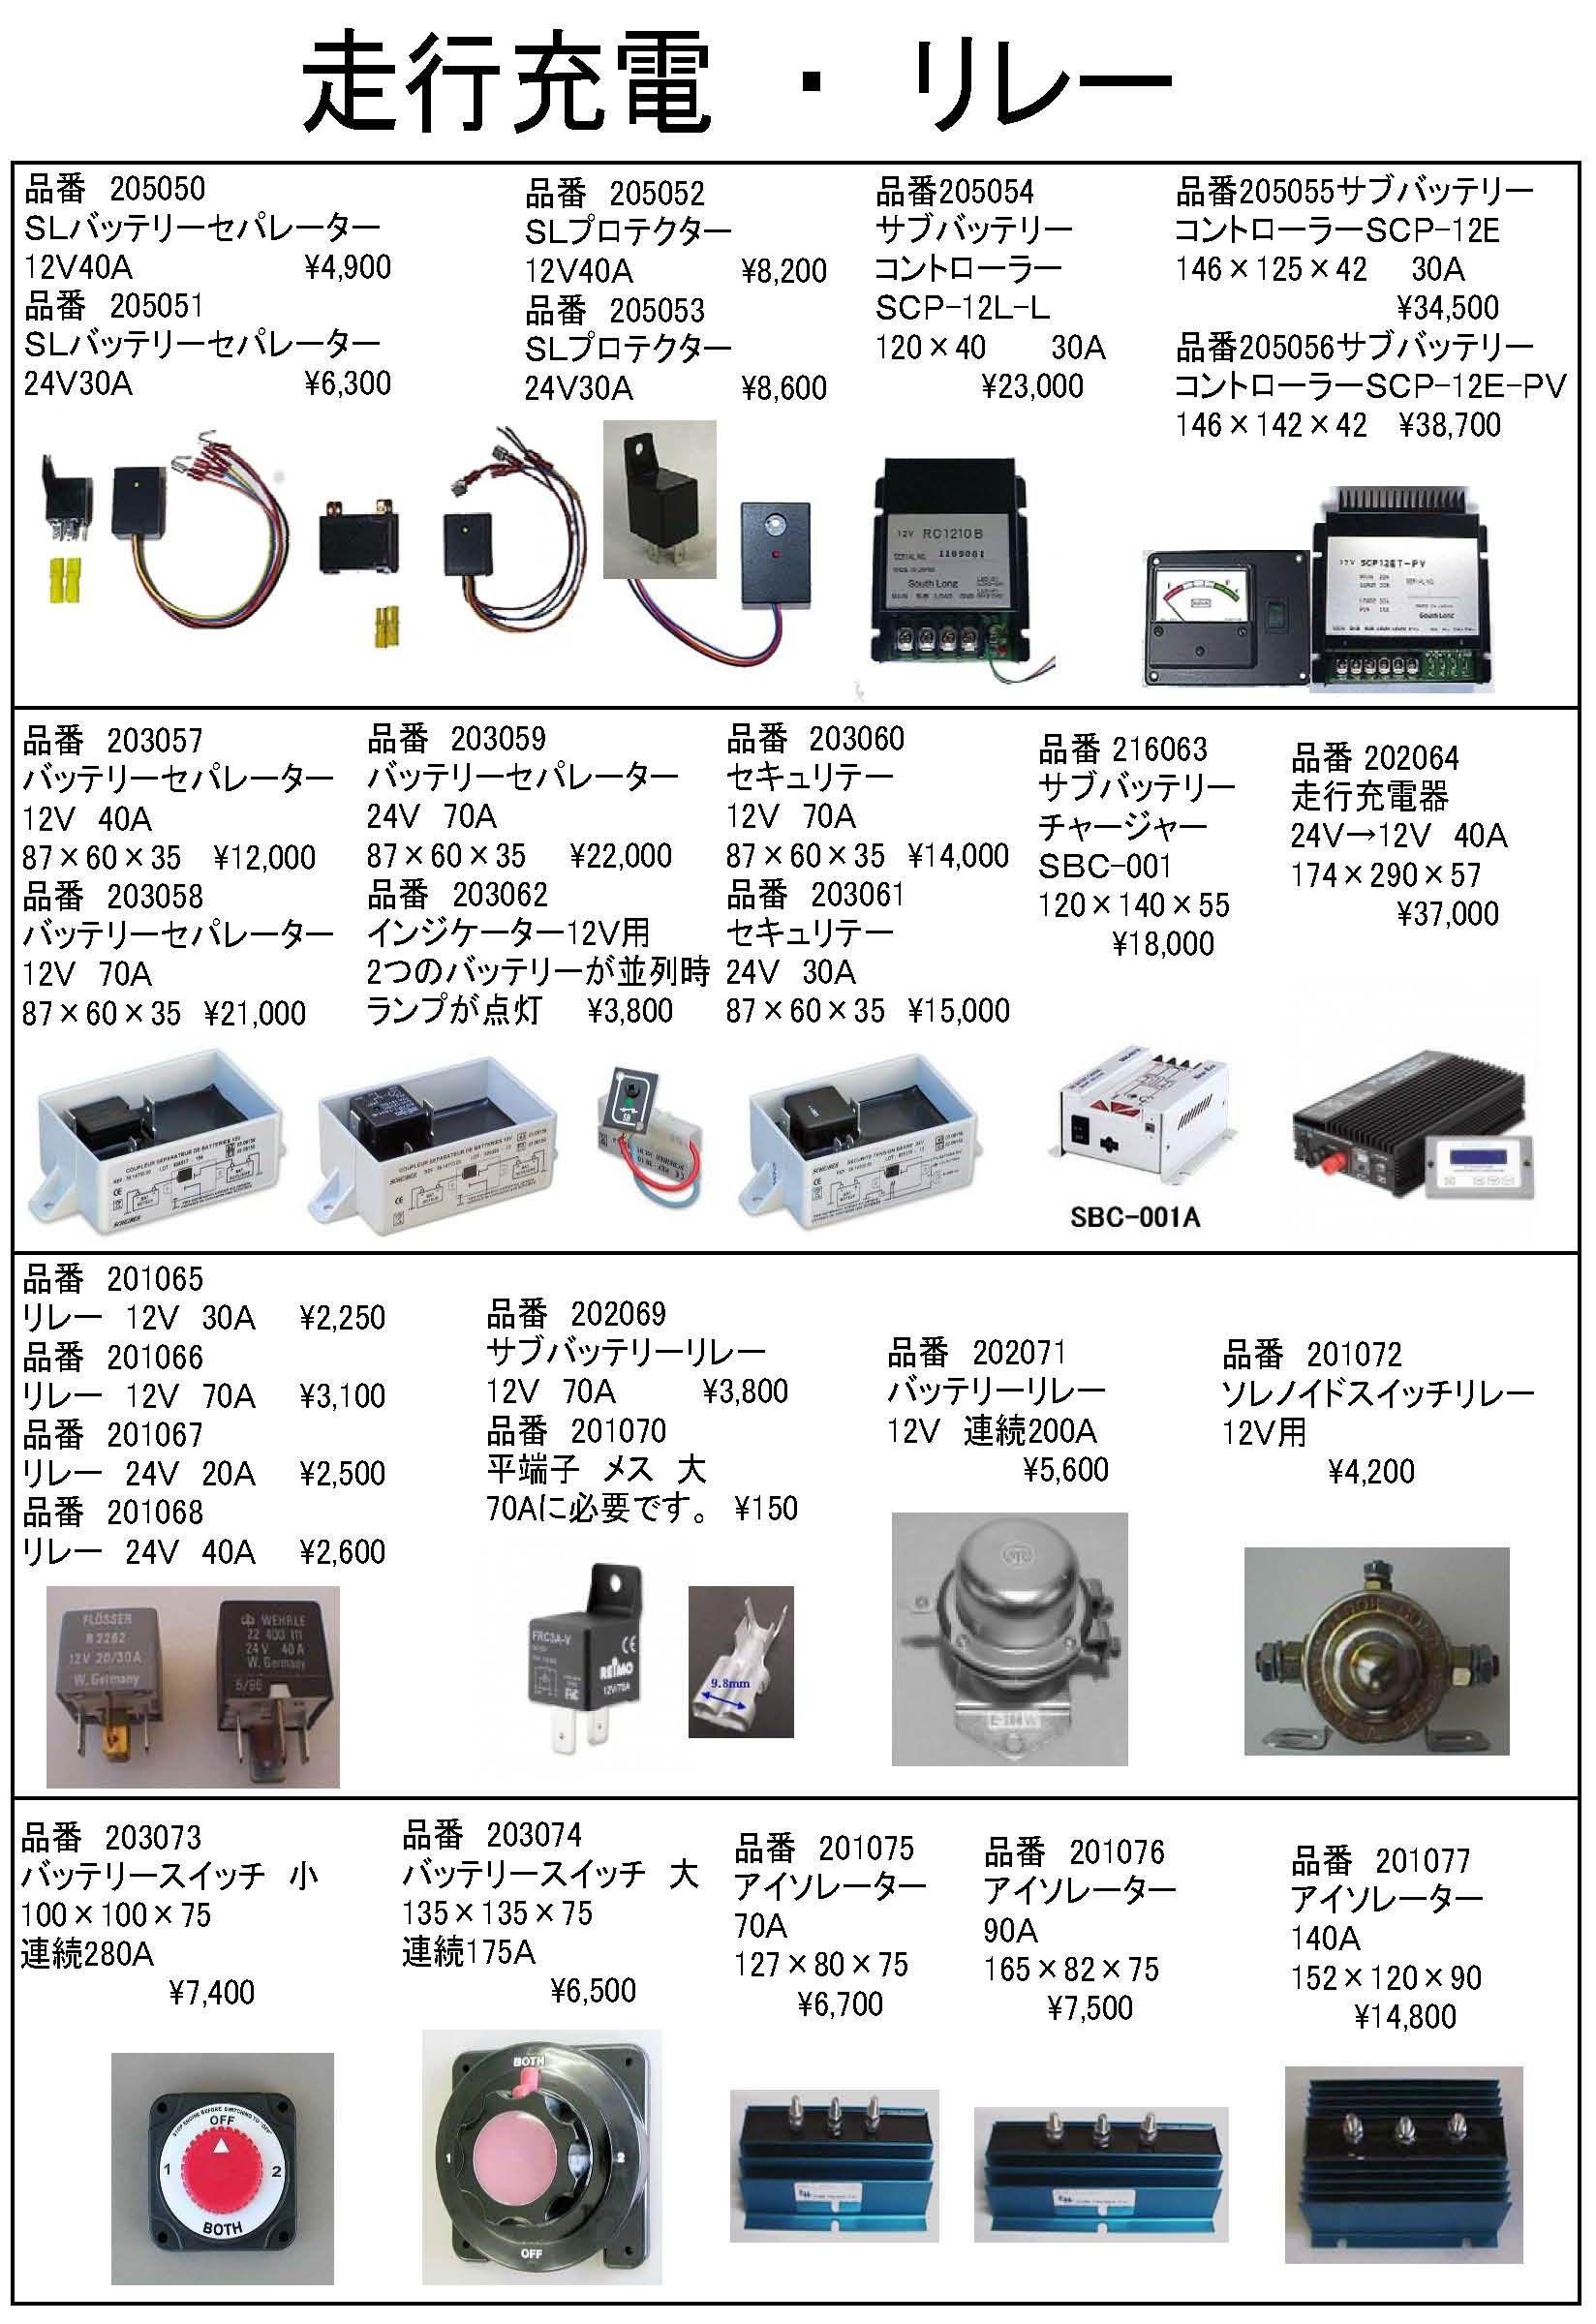 電装 照明部品 税別価格 キャンピングカー 電装 製作